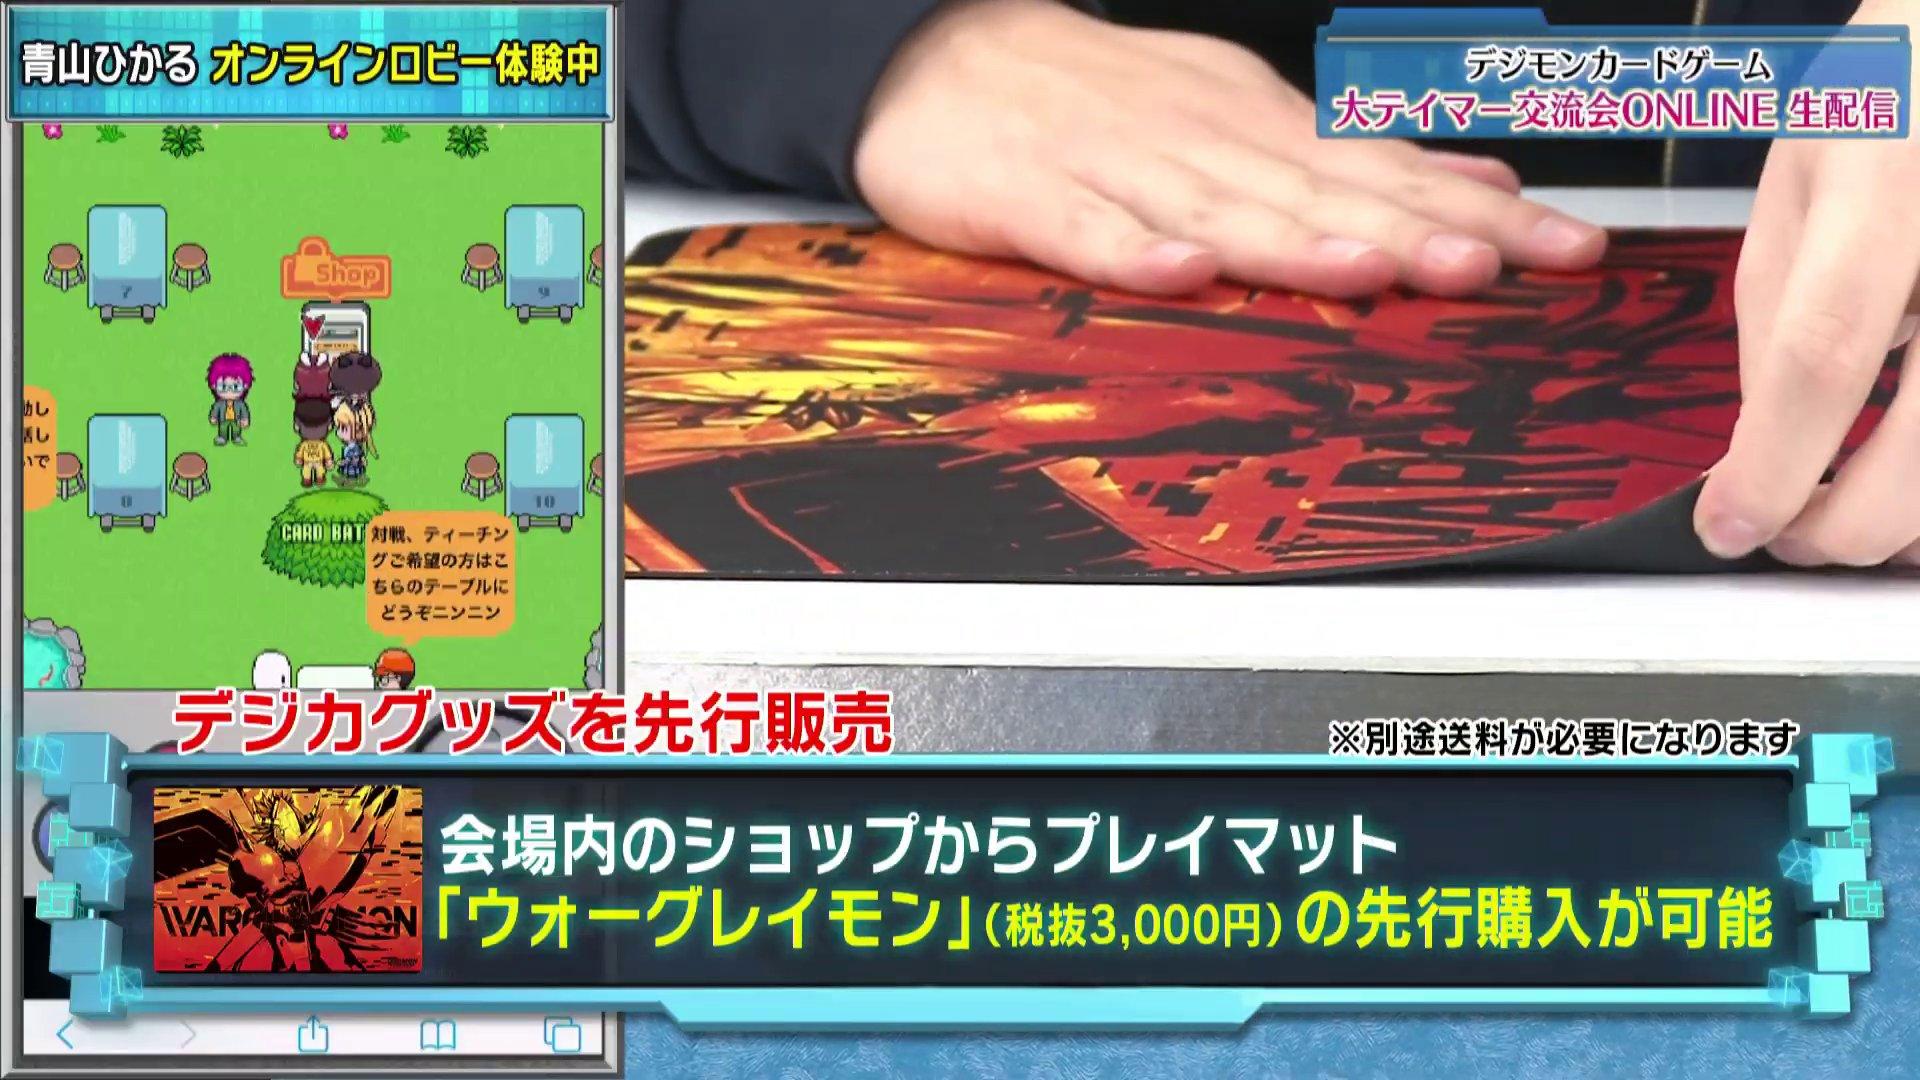 cardgamestream_mat3_january22_2021.jpg